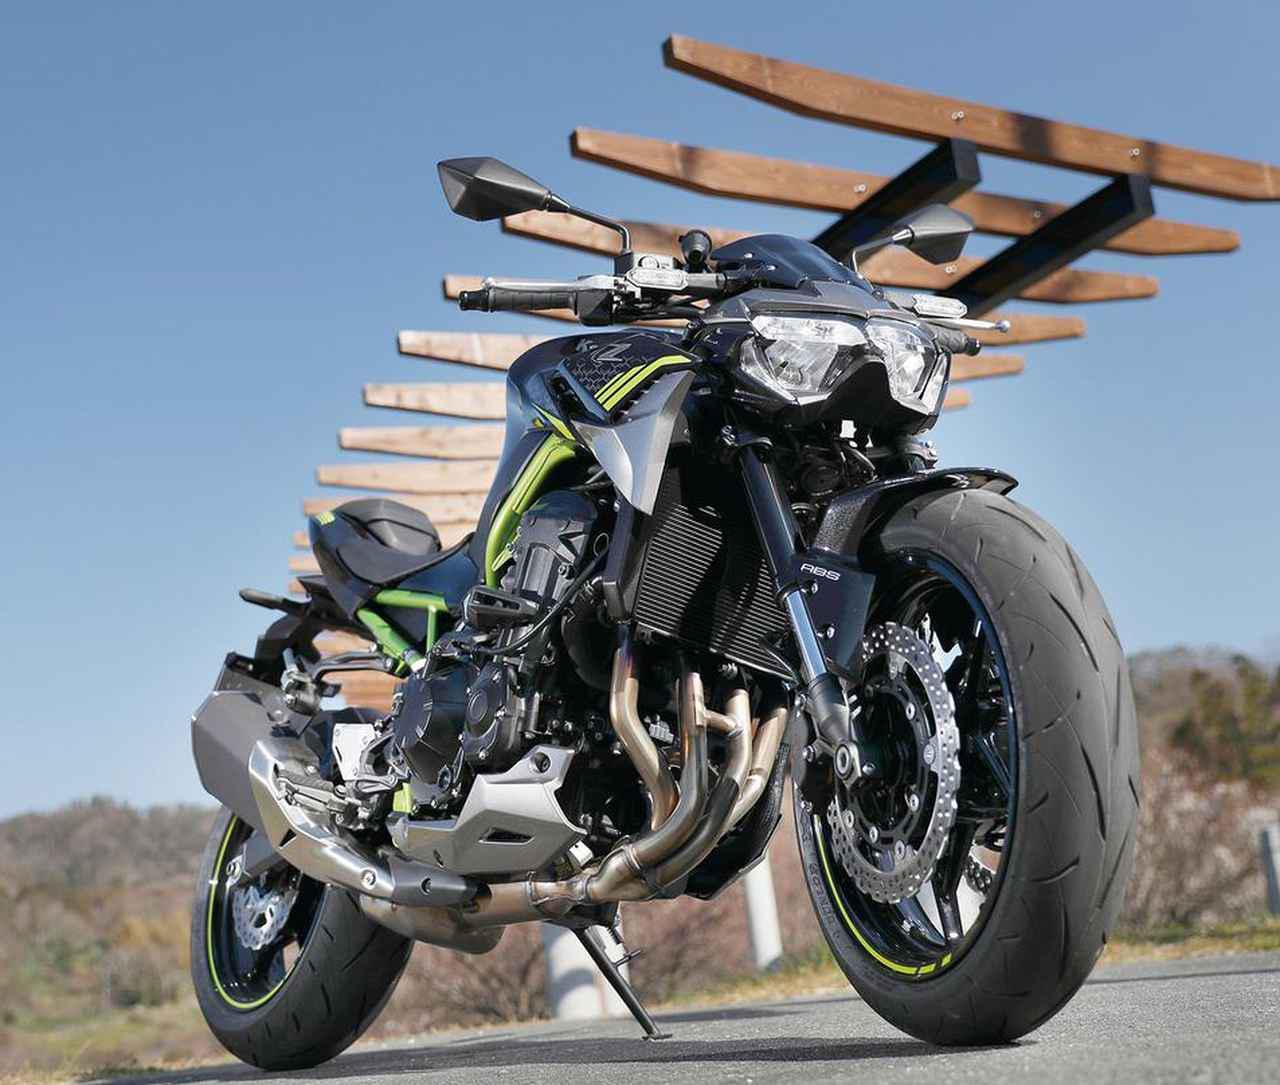 画像: カワサキ Z900 総排気量:948cc/最高出力:125PS/9500rpm/最大トルク:10.0㎏-m/7700rpm 税込価格:104万5000円/発売日:2020年1月15日